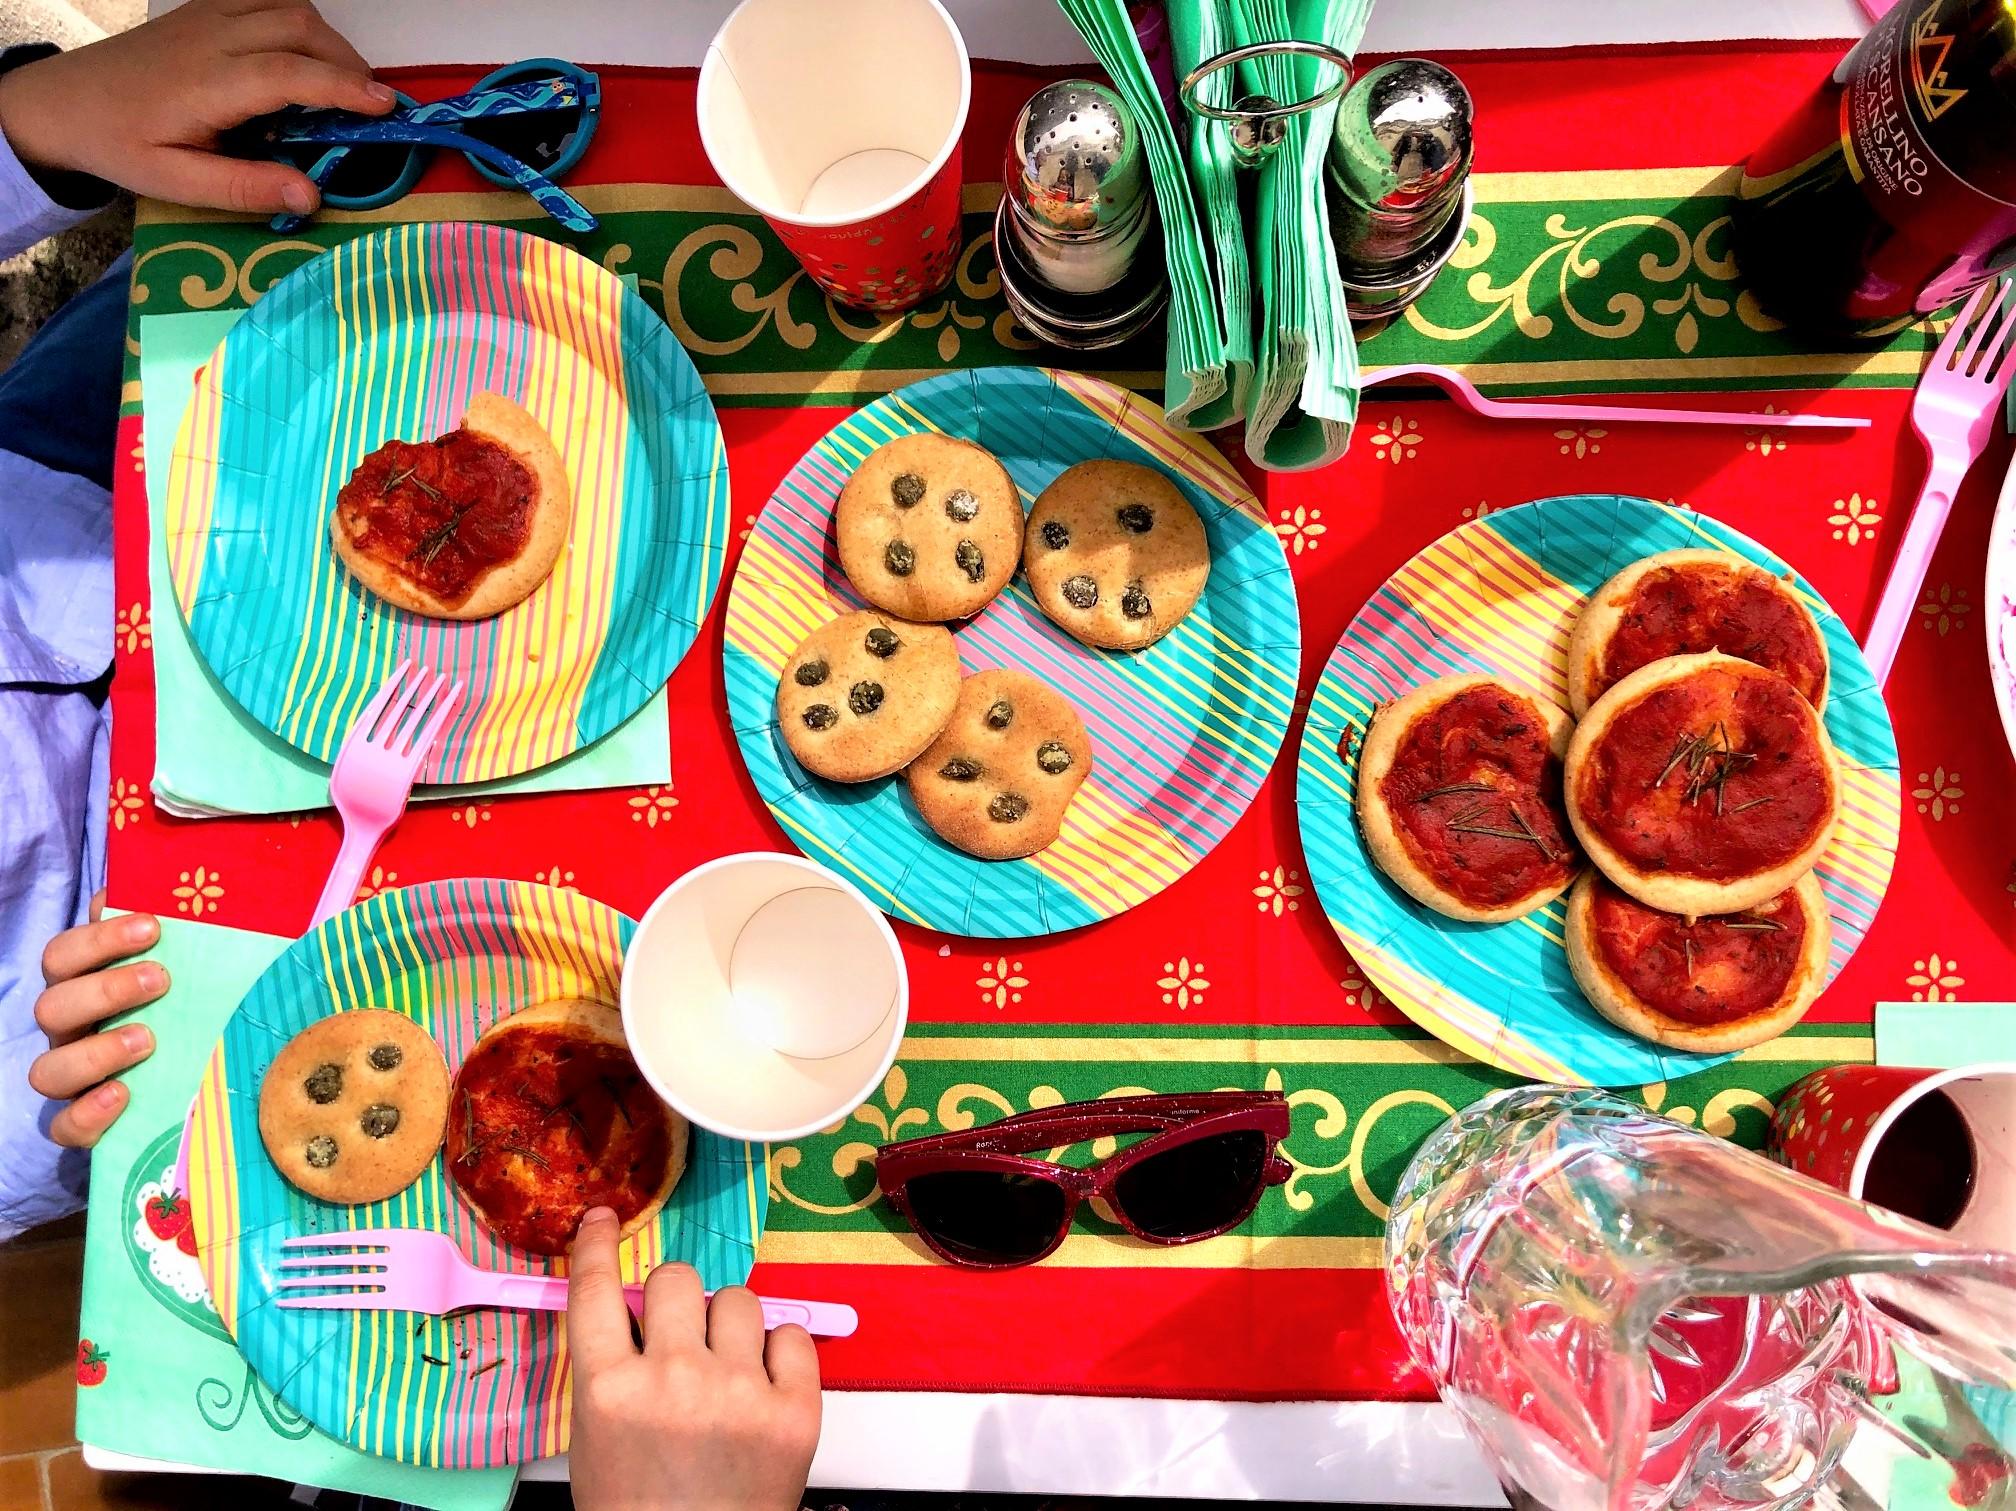 Итальянские мини-пиццы для маленьких гурманов и кулинаров